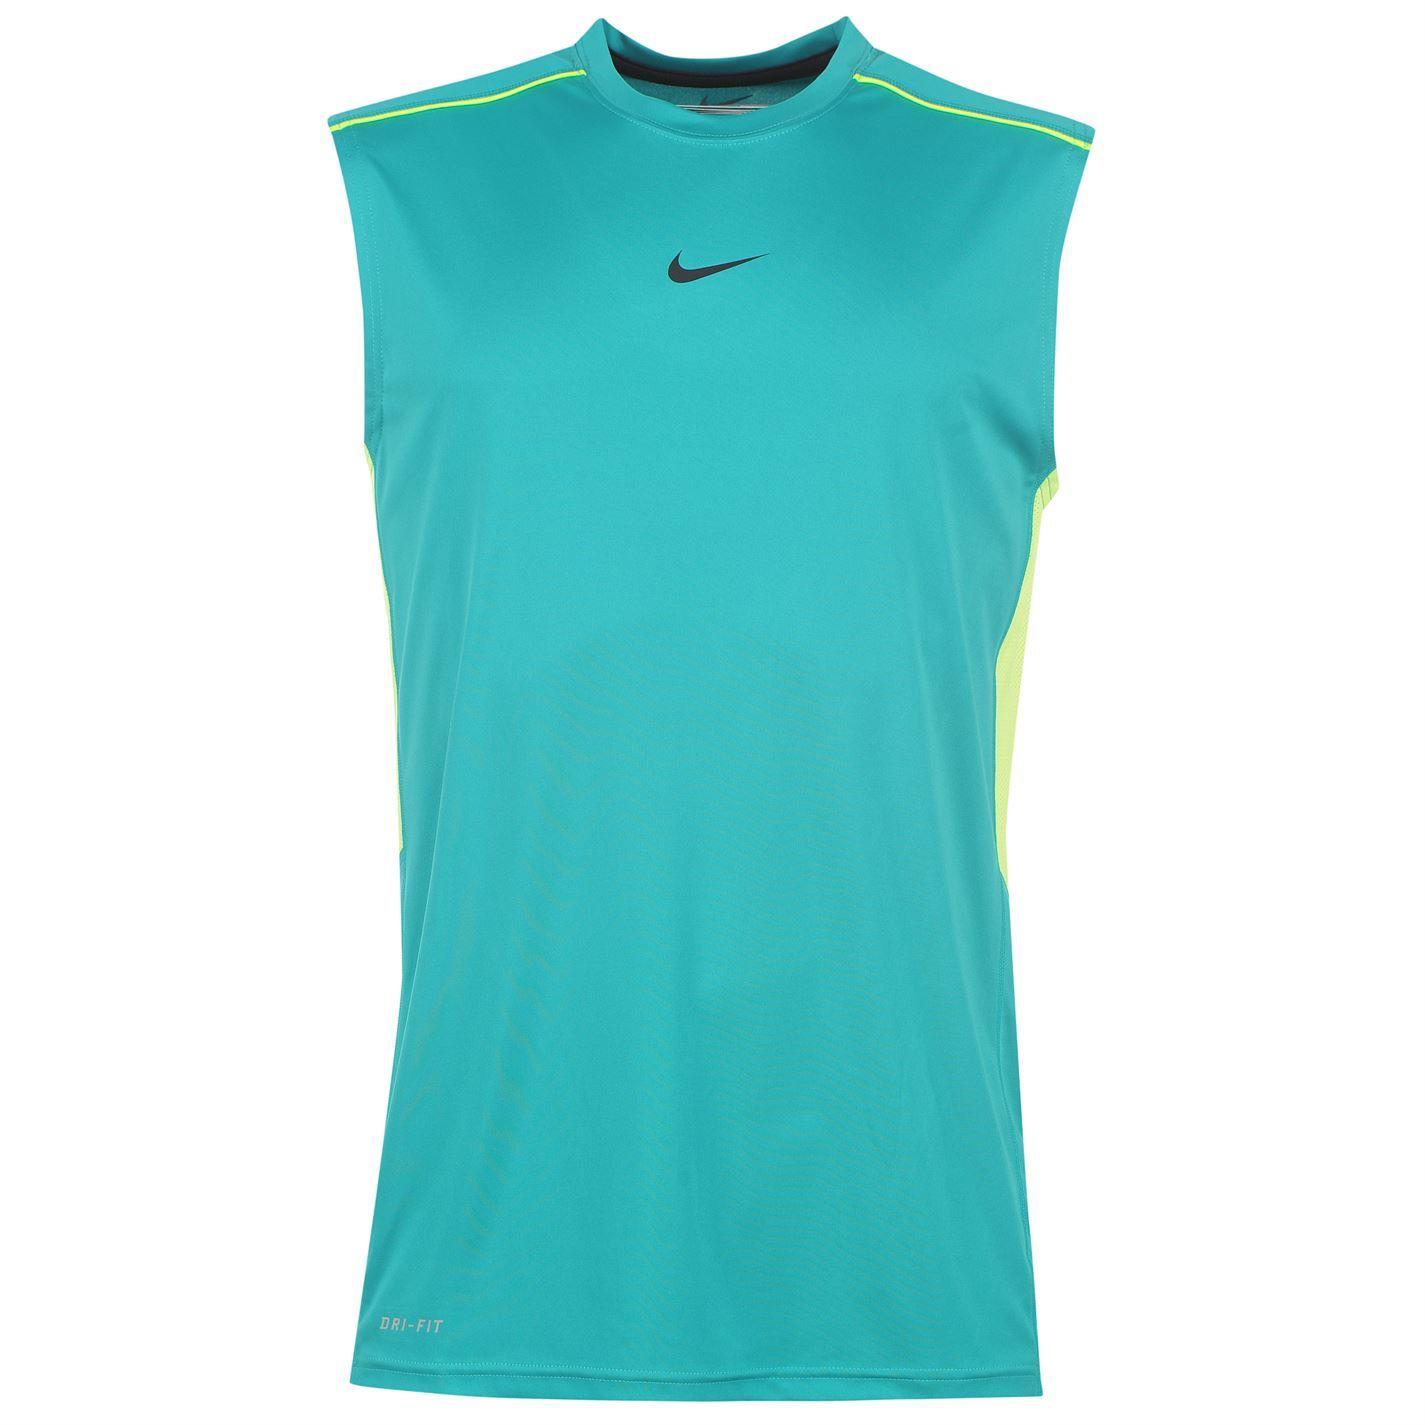 Nike legacy sleeveless t shirt mens vest singlet turbo for Singlet shirt for mens